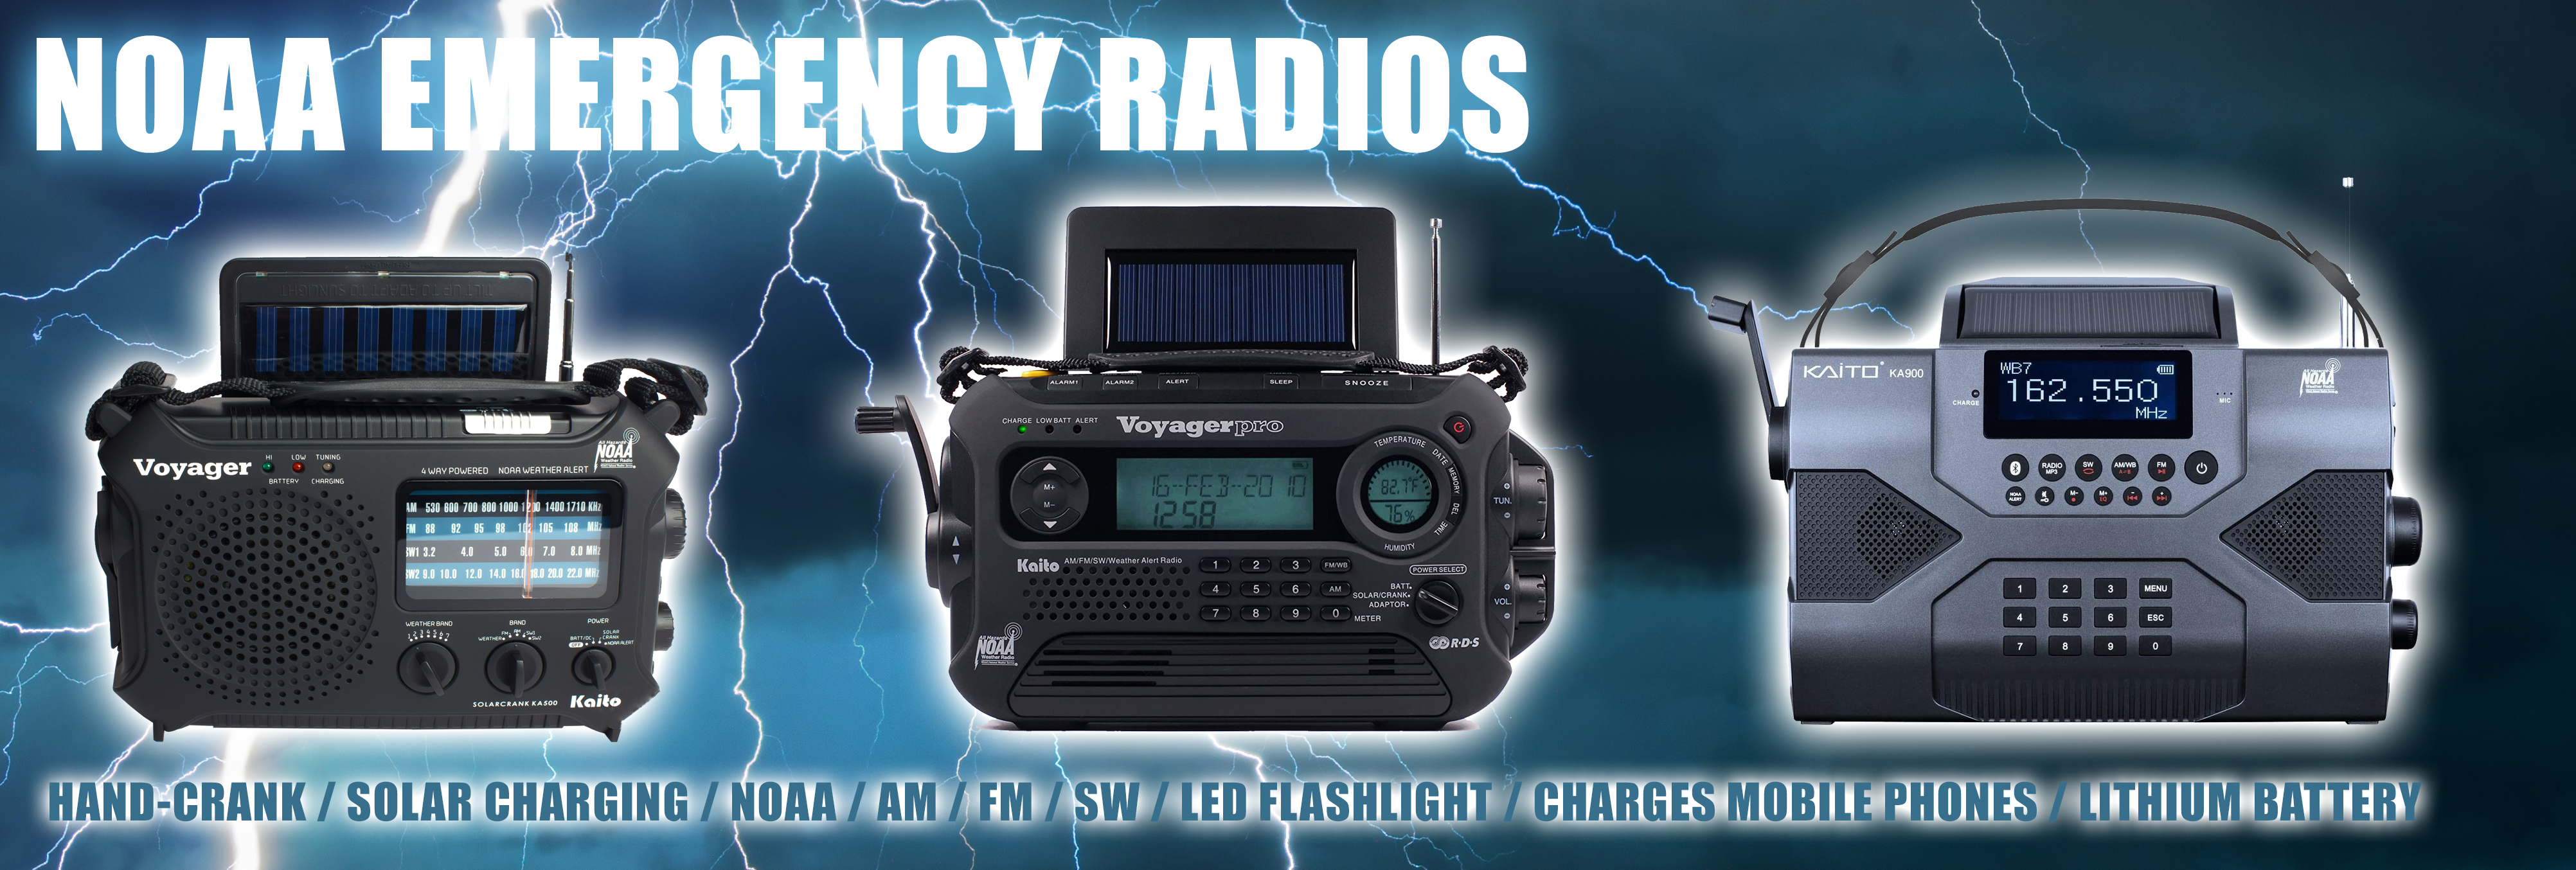 NOAA Emergency Radios